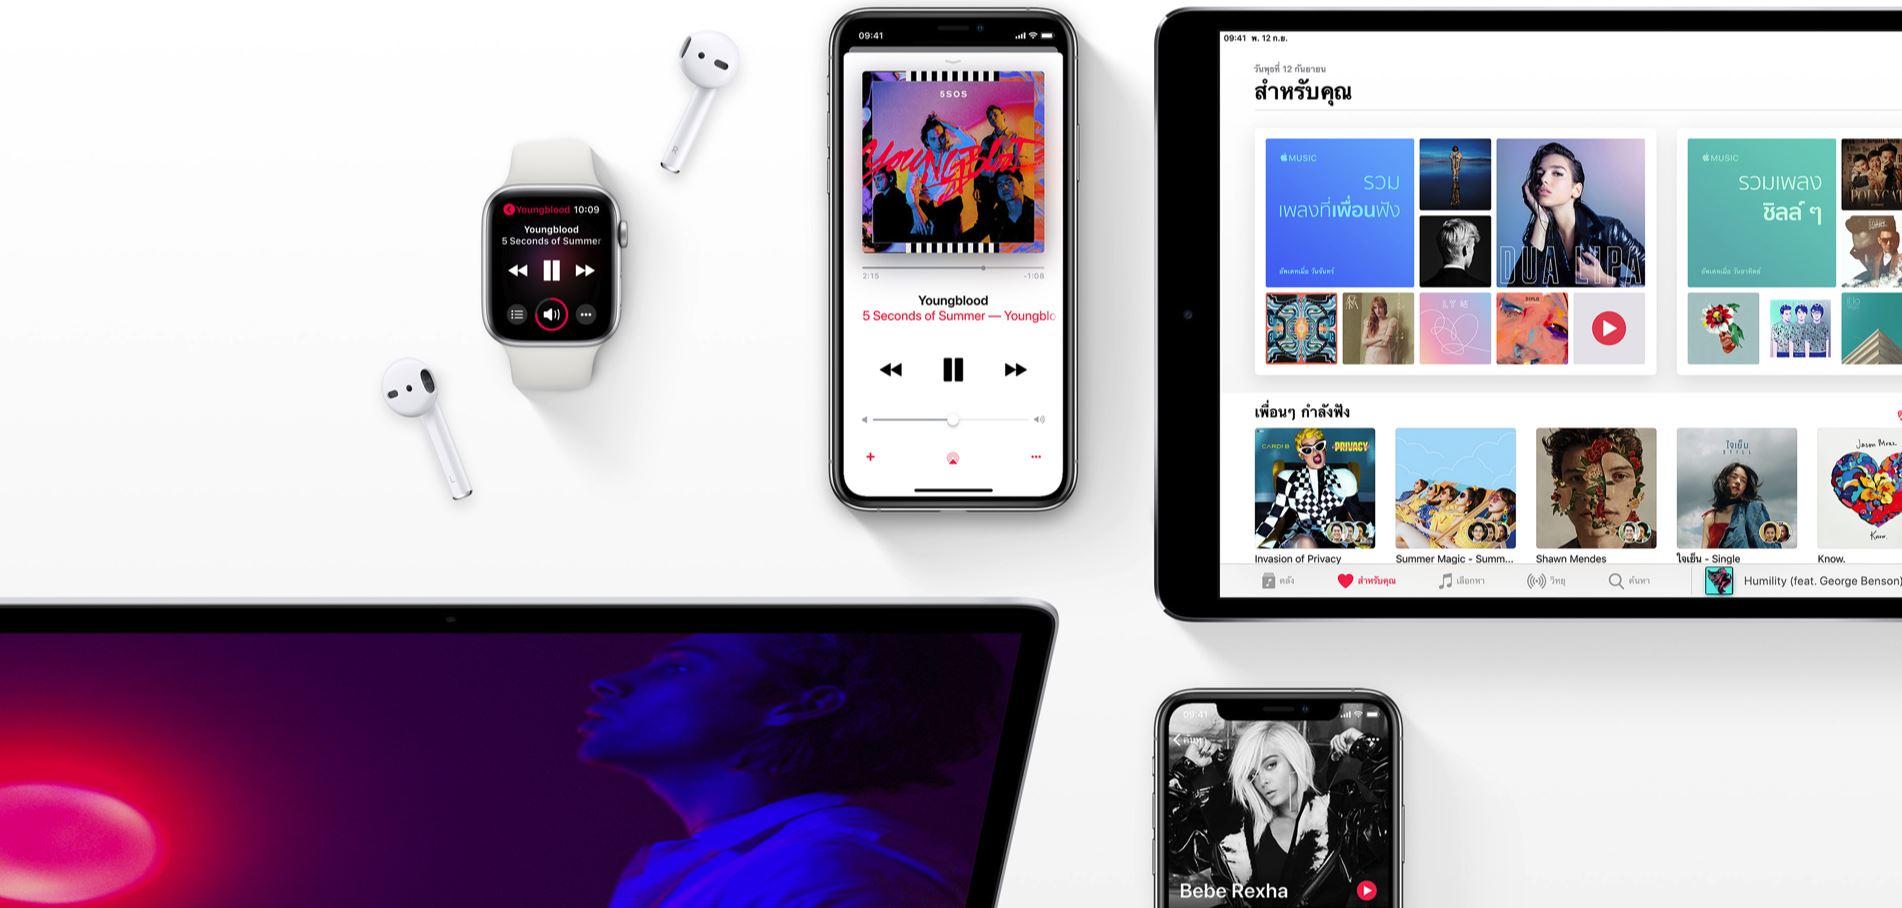 ทำไมถึงต้องเลือกใช้ Apple Music